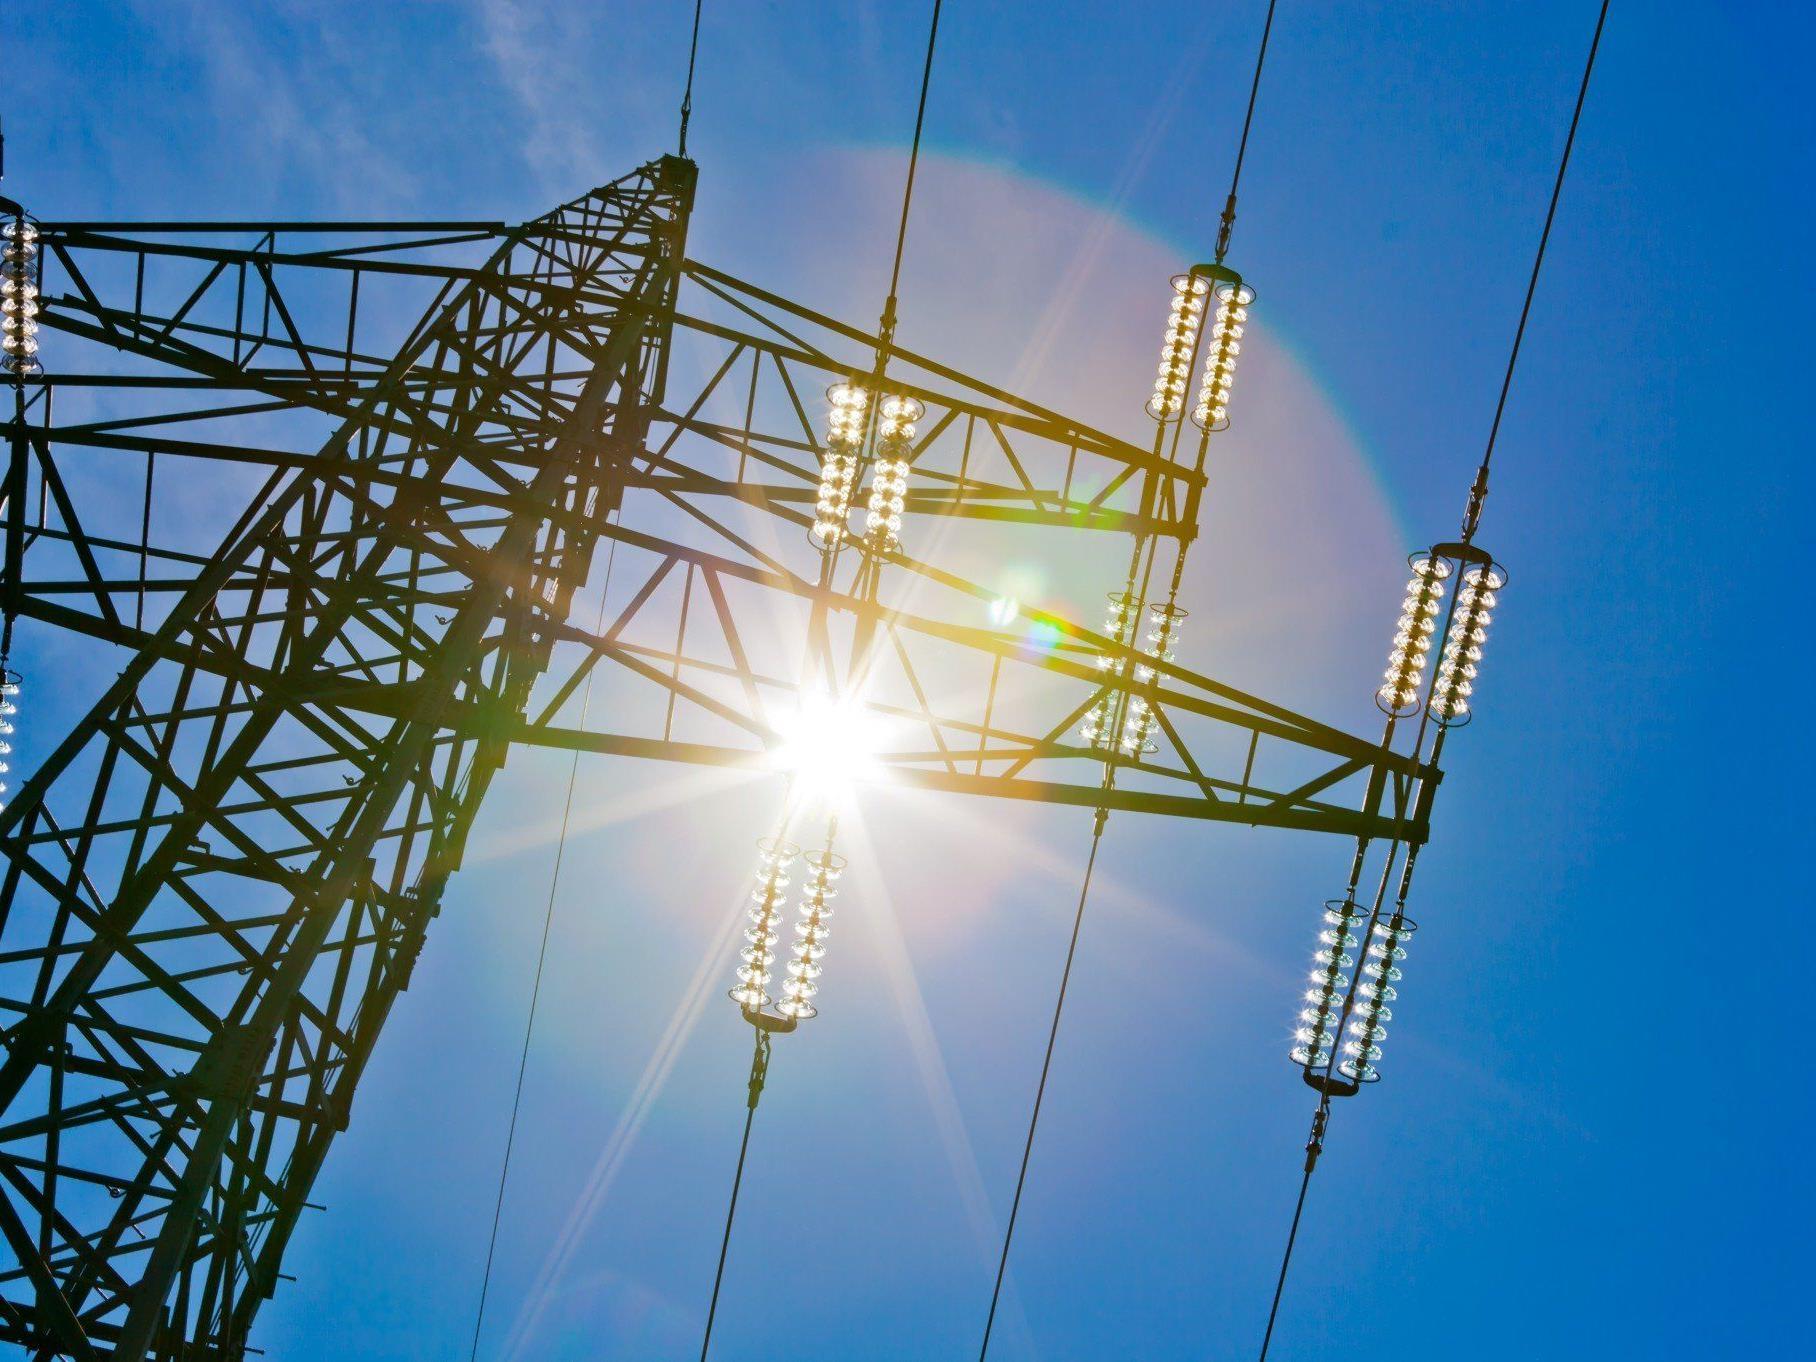 Netzwerkpartner wollen ihren Energieverbrauch im Rahmen des Illwerke/VKW-Projekts bis 2014 um sechs Prozent senken.